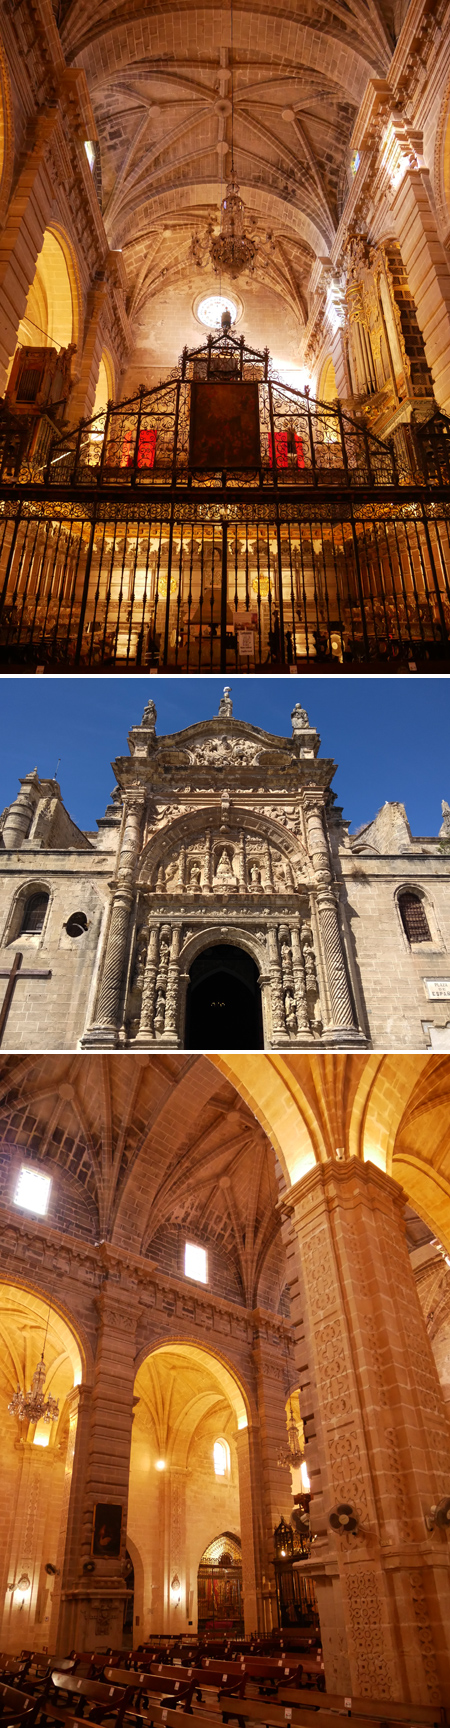 España, Spain, Andalucía, El Puerto de Santa María, catedral, cathedral